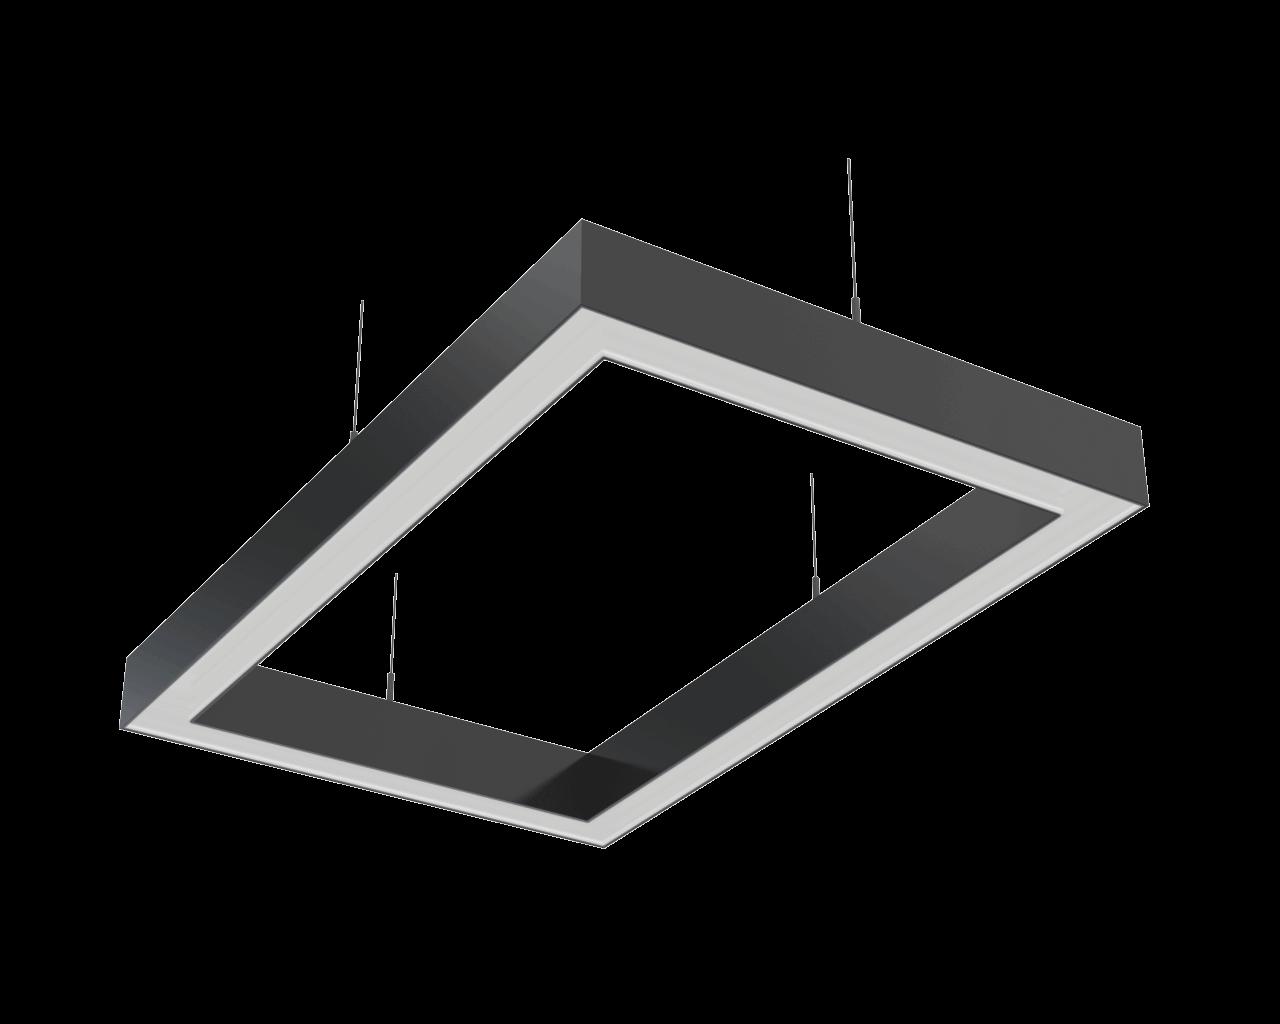 Светодиодный светильник Ledcraft LC-LP-5050 160W 920*1485 мм Опал Нейтральный белый